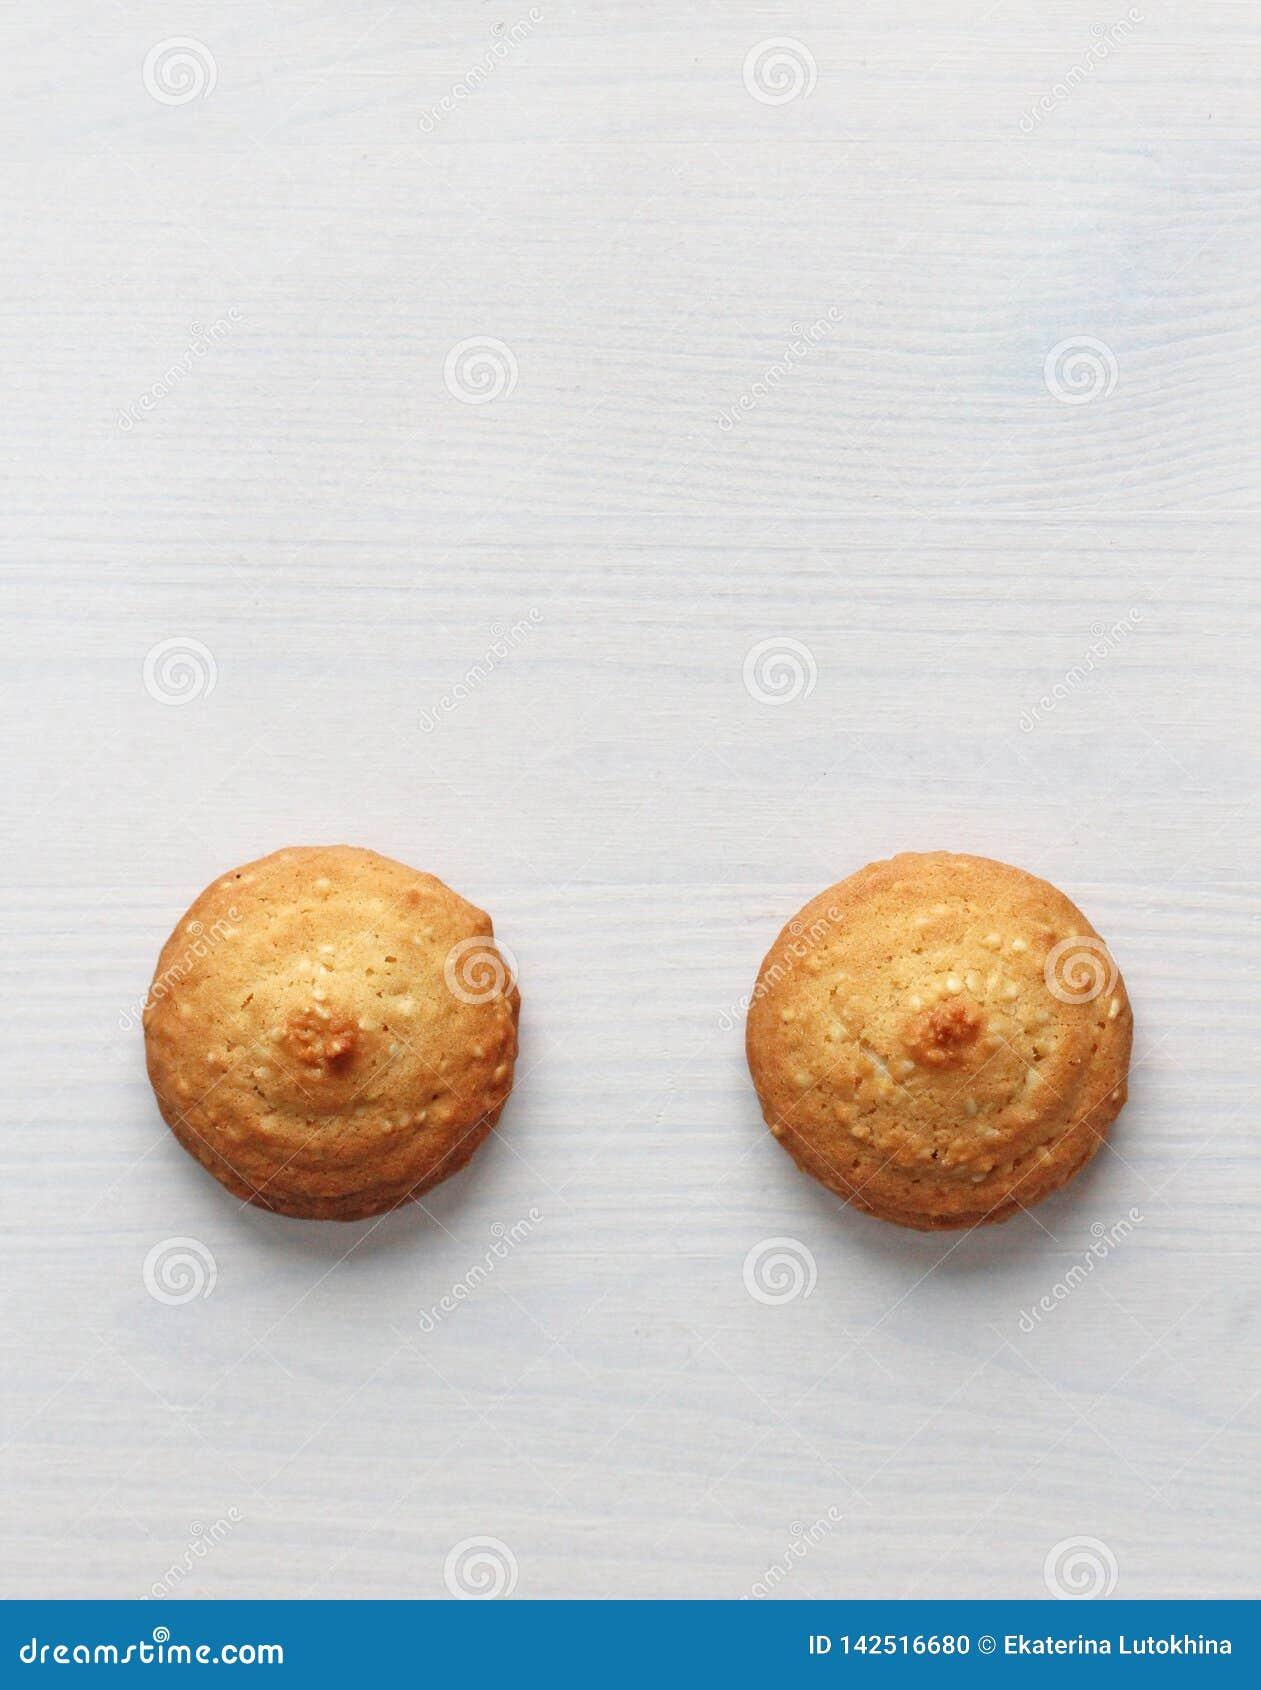 Печенья на белой предпосылке, подобной женским ниппелям Сексуальные ниппели в форме печений Юмор, двойной смысл